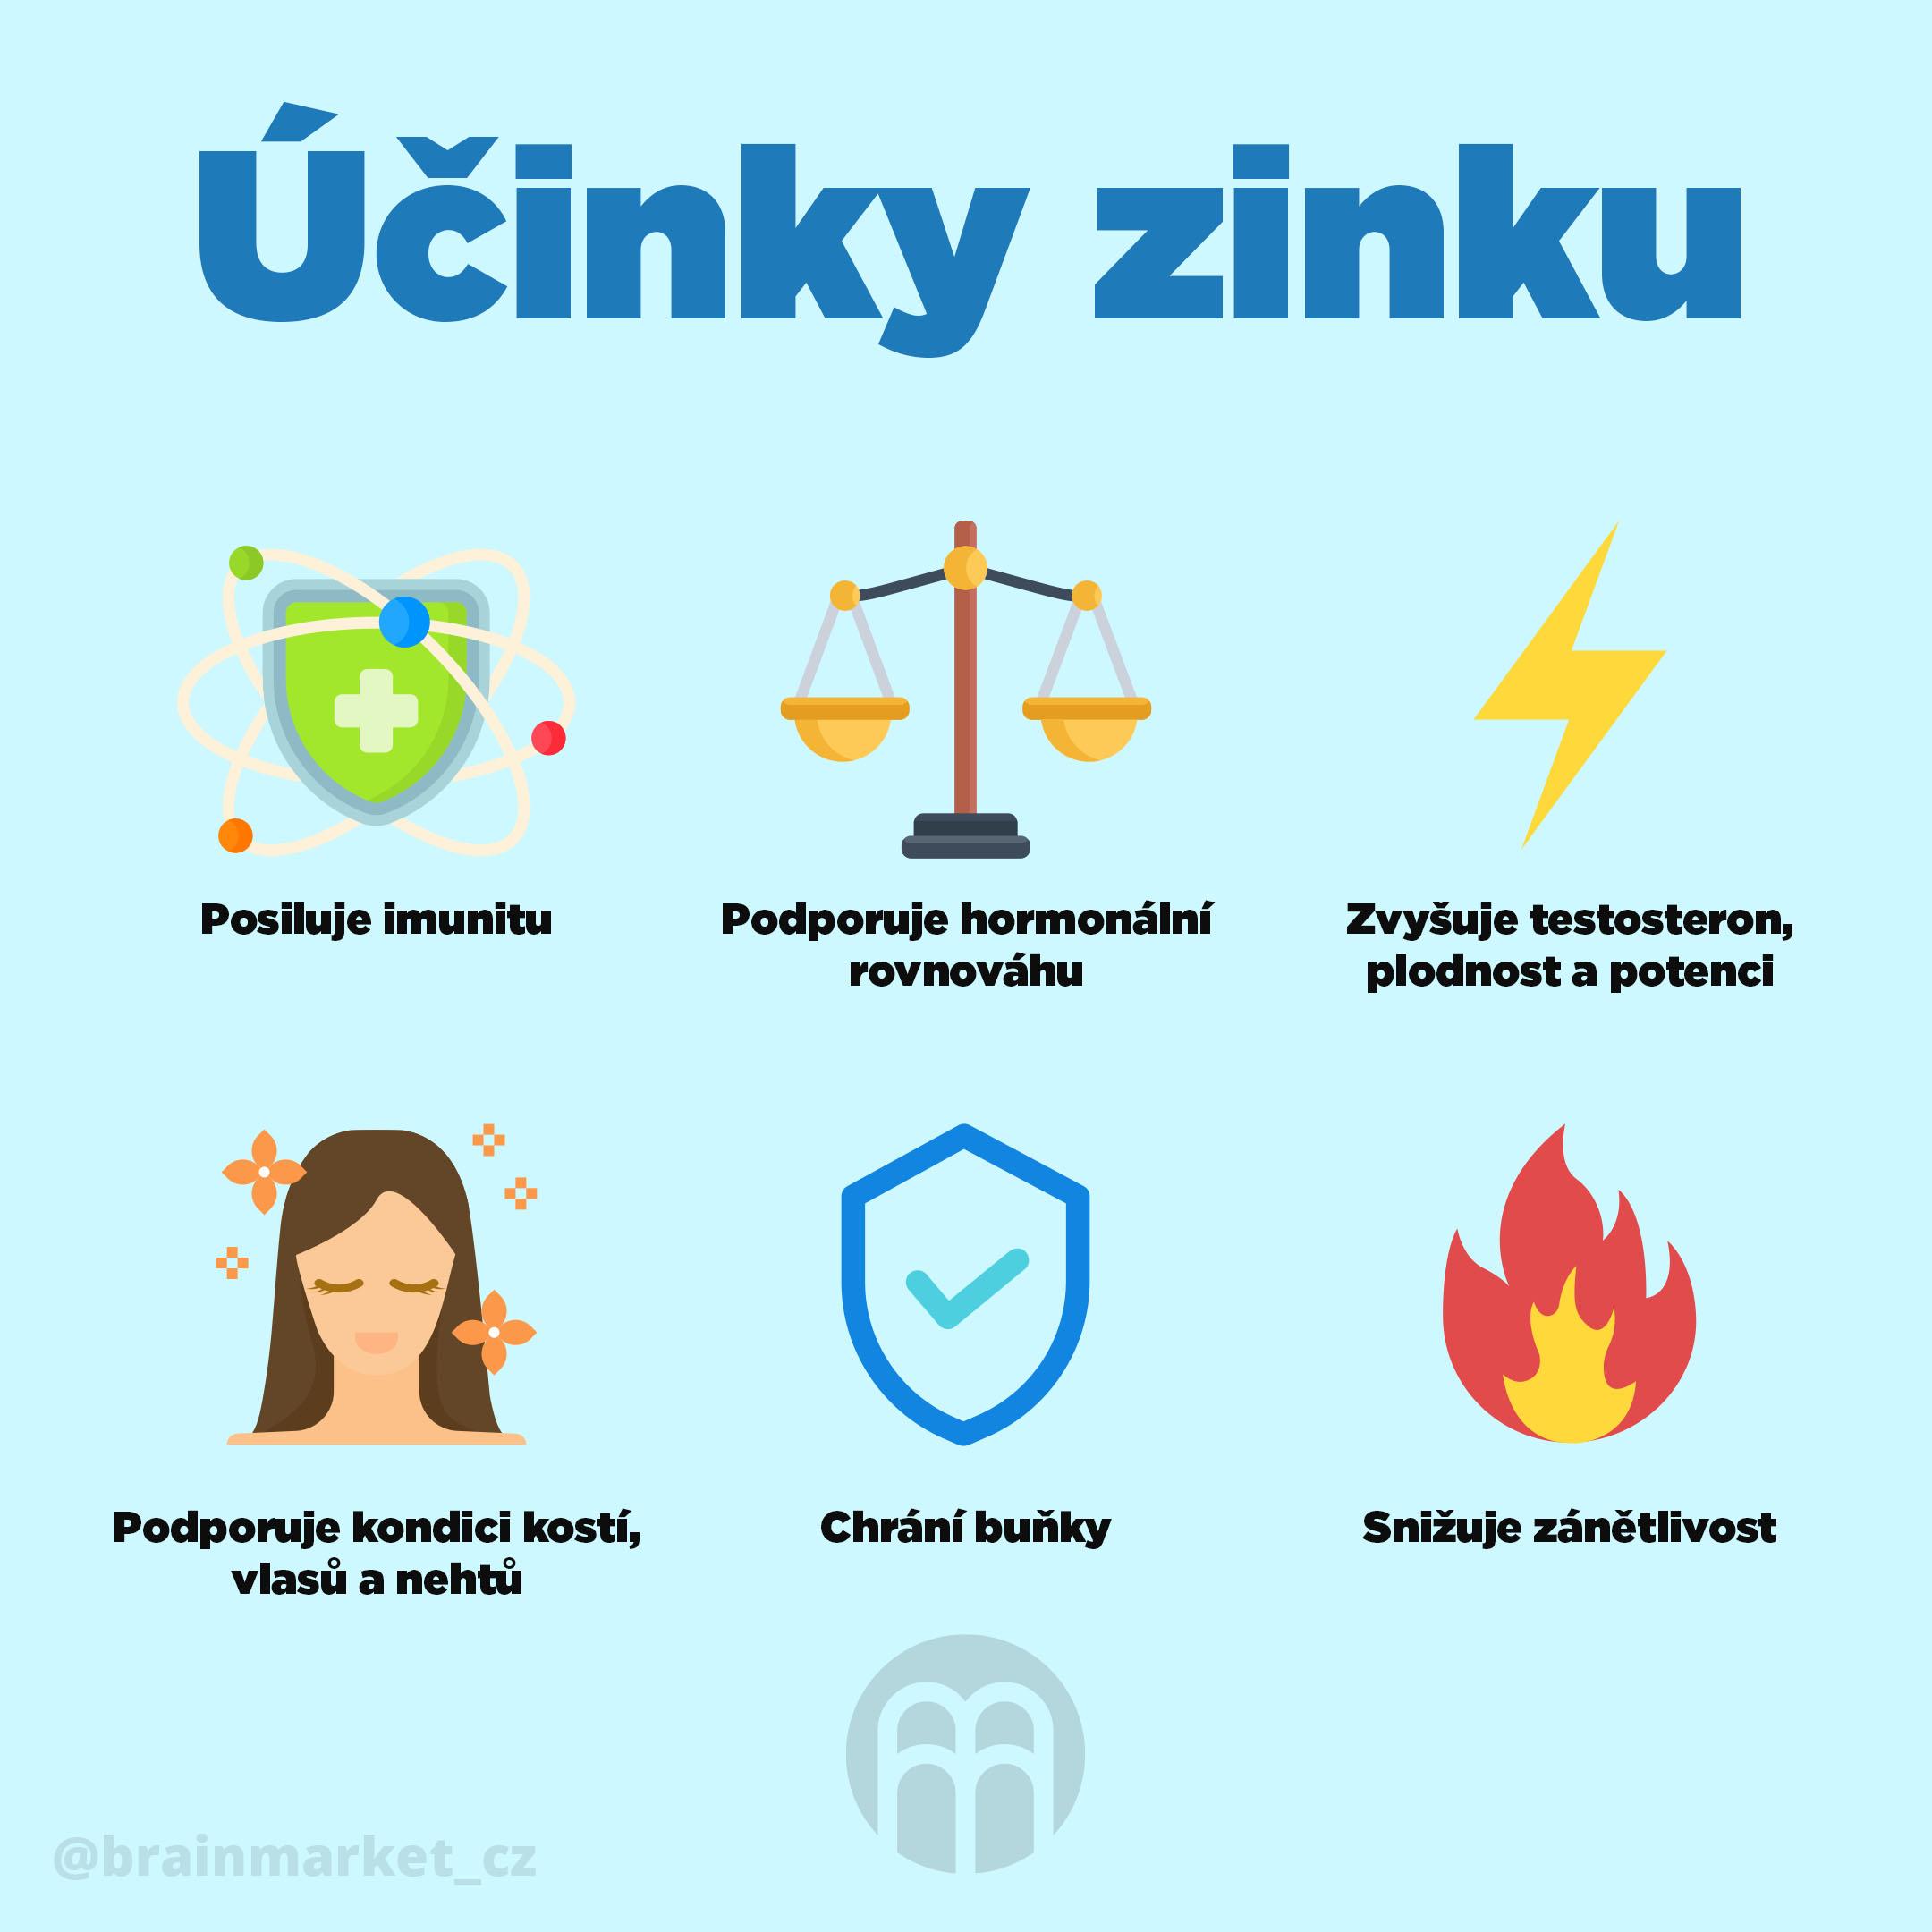 ucinky_zinku_infografika_brainmarket_CZ